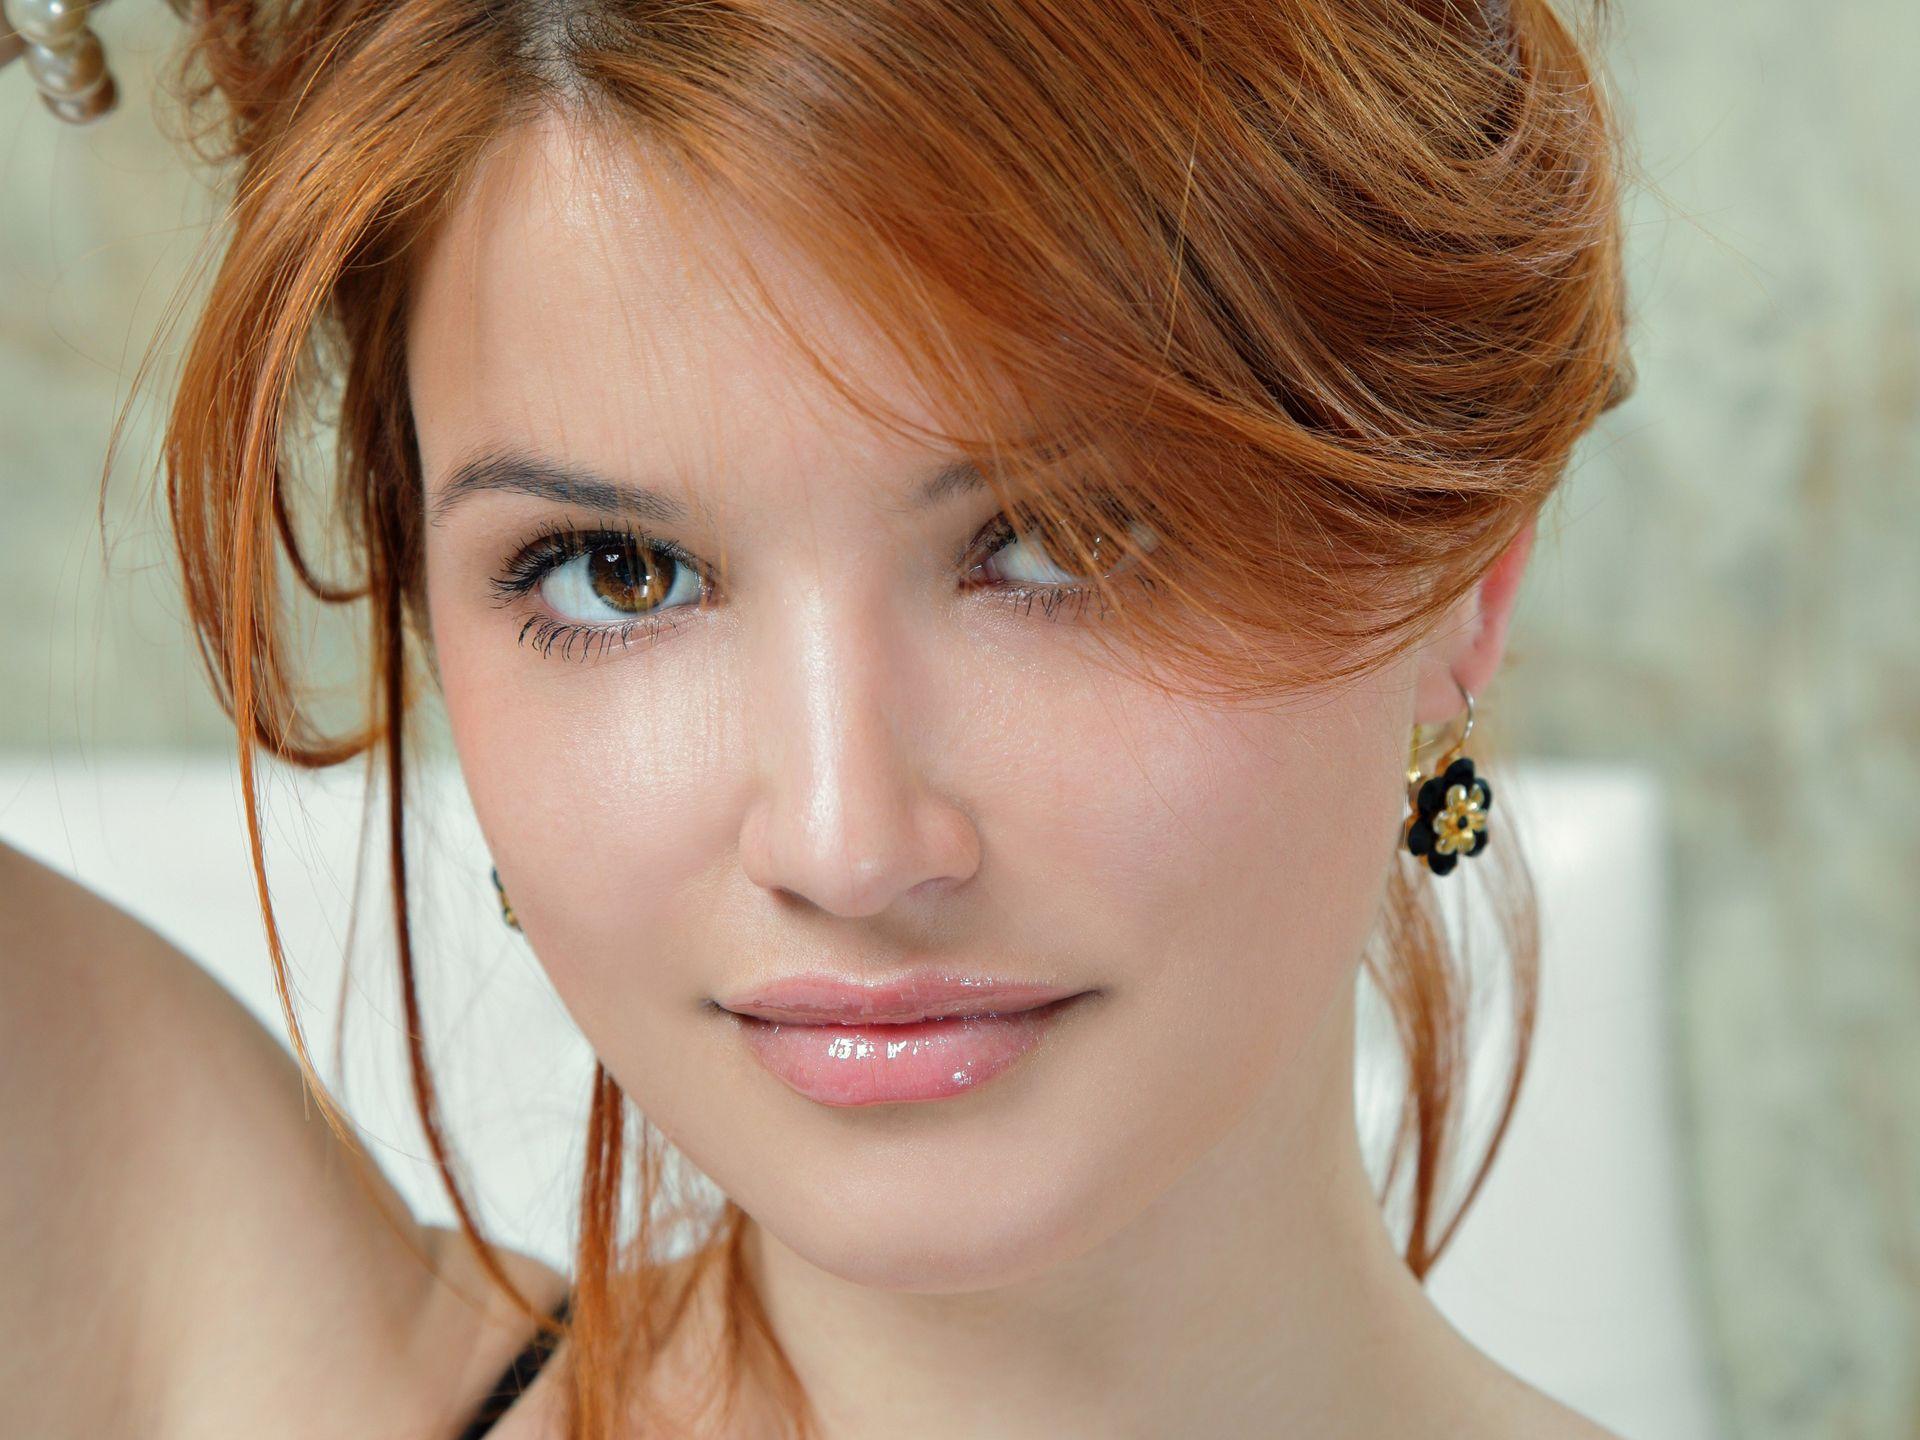 بالصور اجمل نساء امريكا , حسنوات الولايات المتحدة الامريكية 3020 9